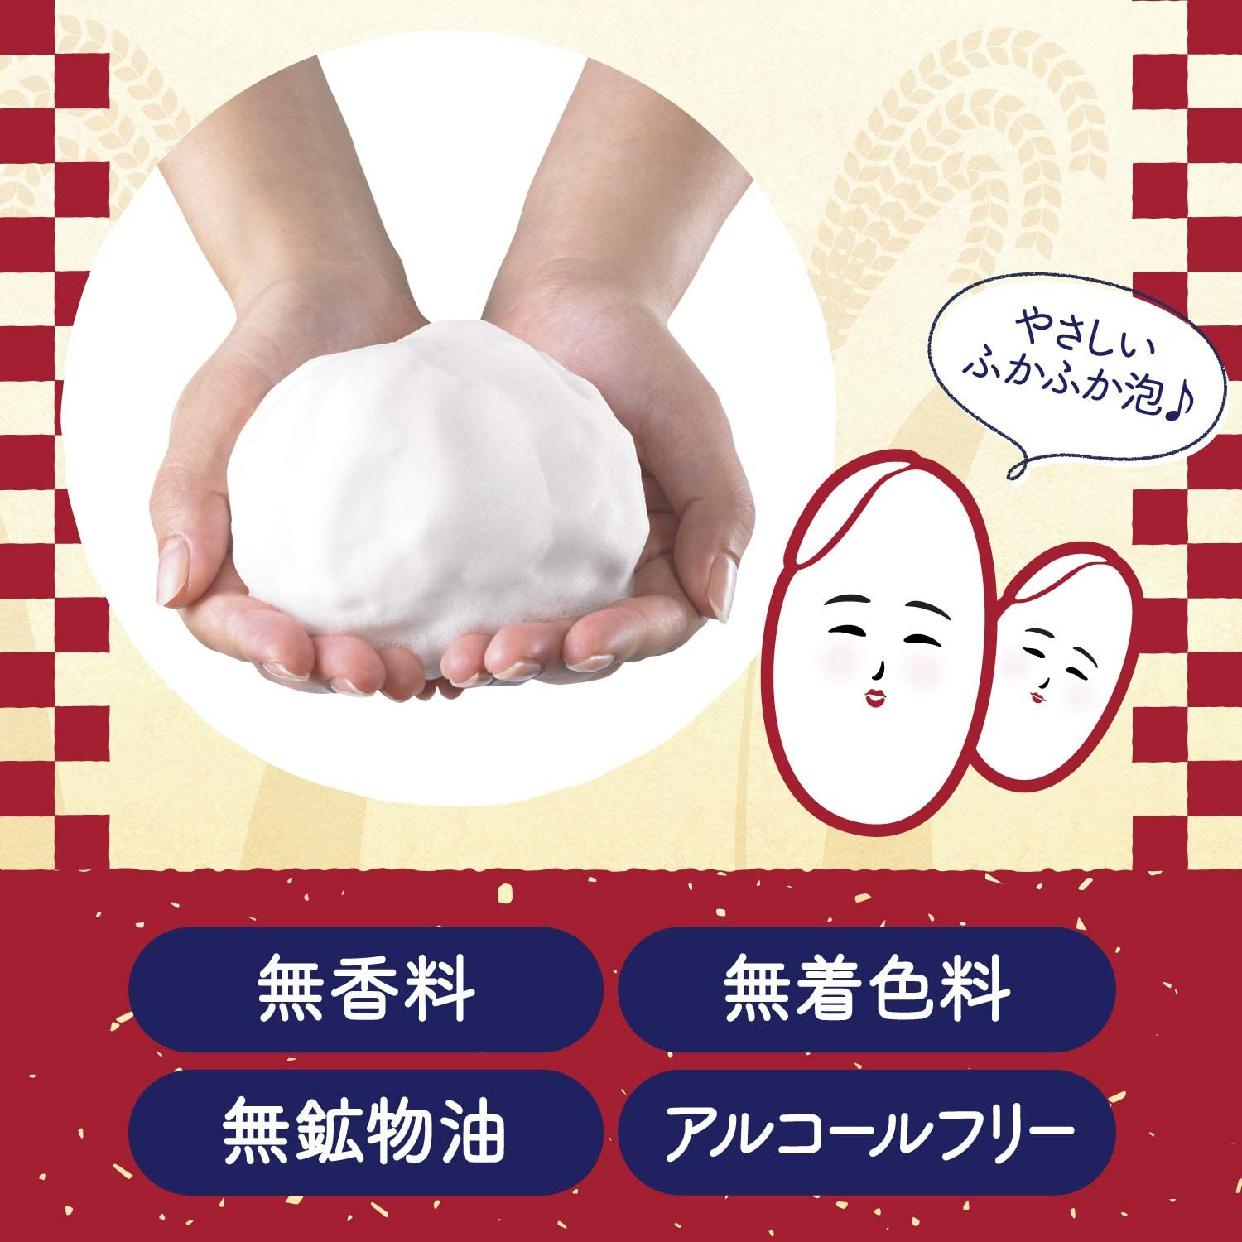 ROSETTE(ロゼット) 江戸こすめ 米ぬか洗顔の商品画像10